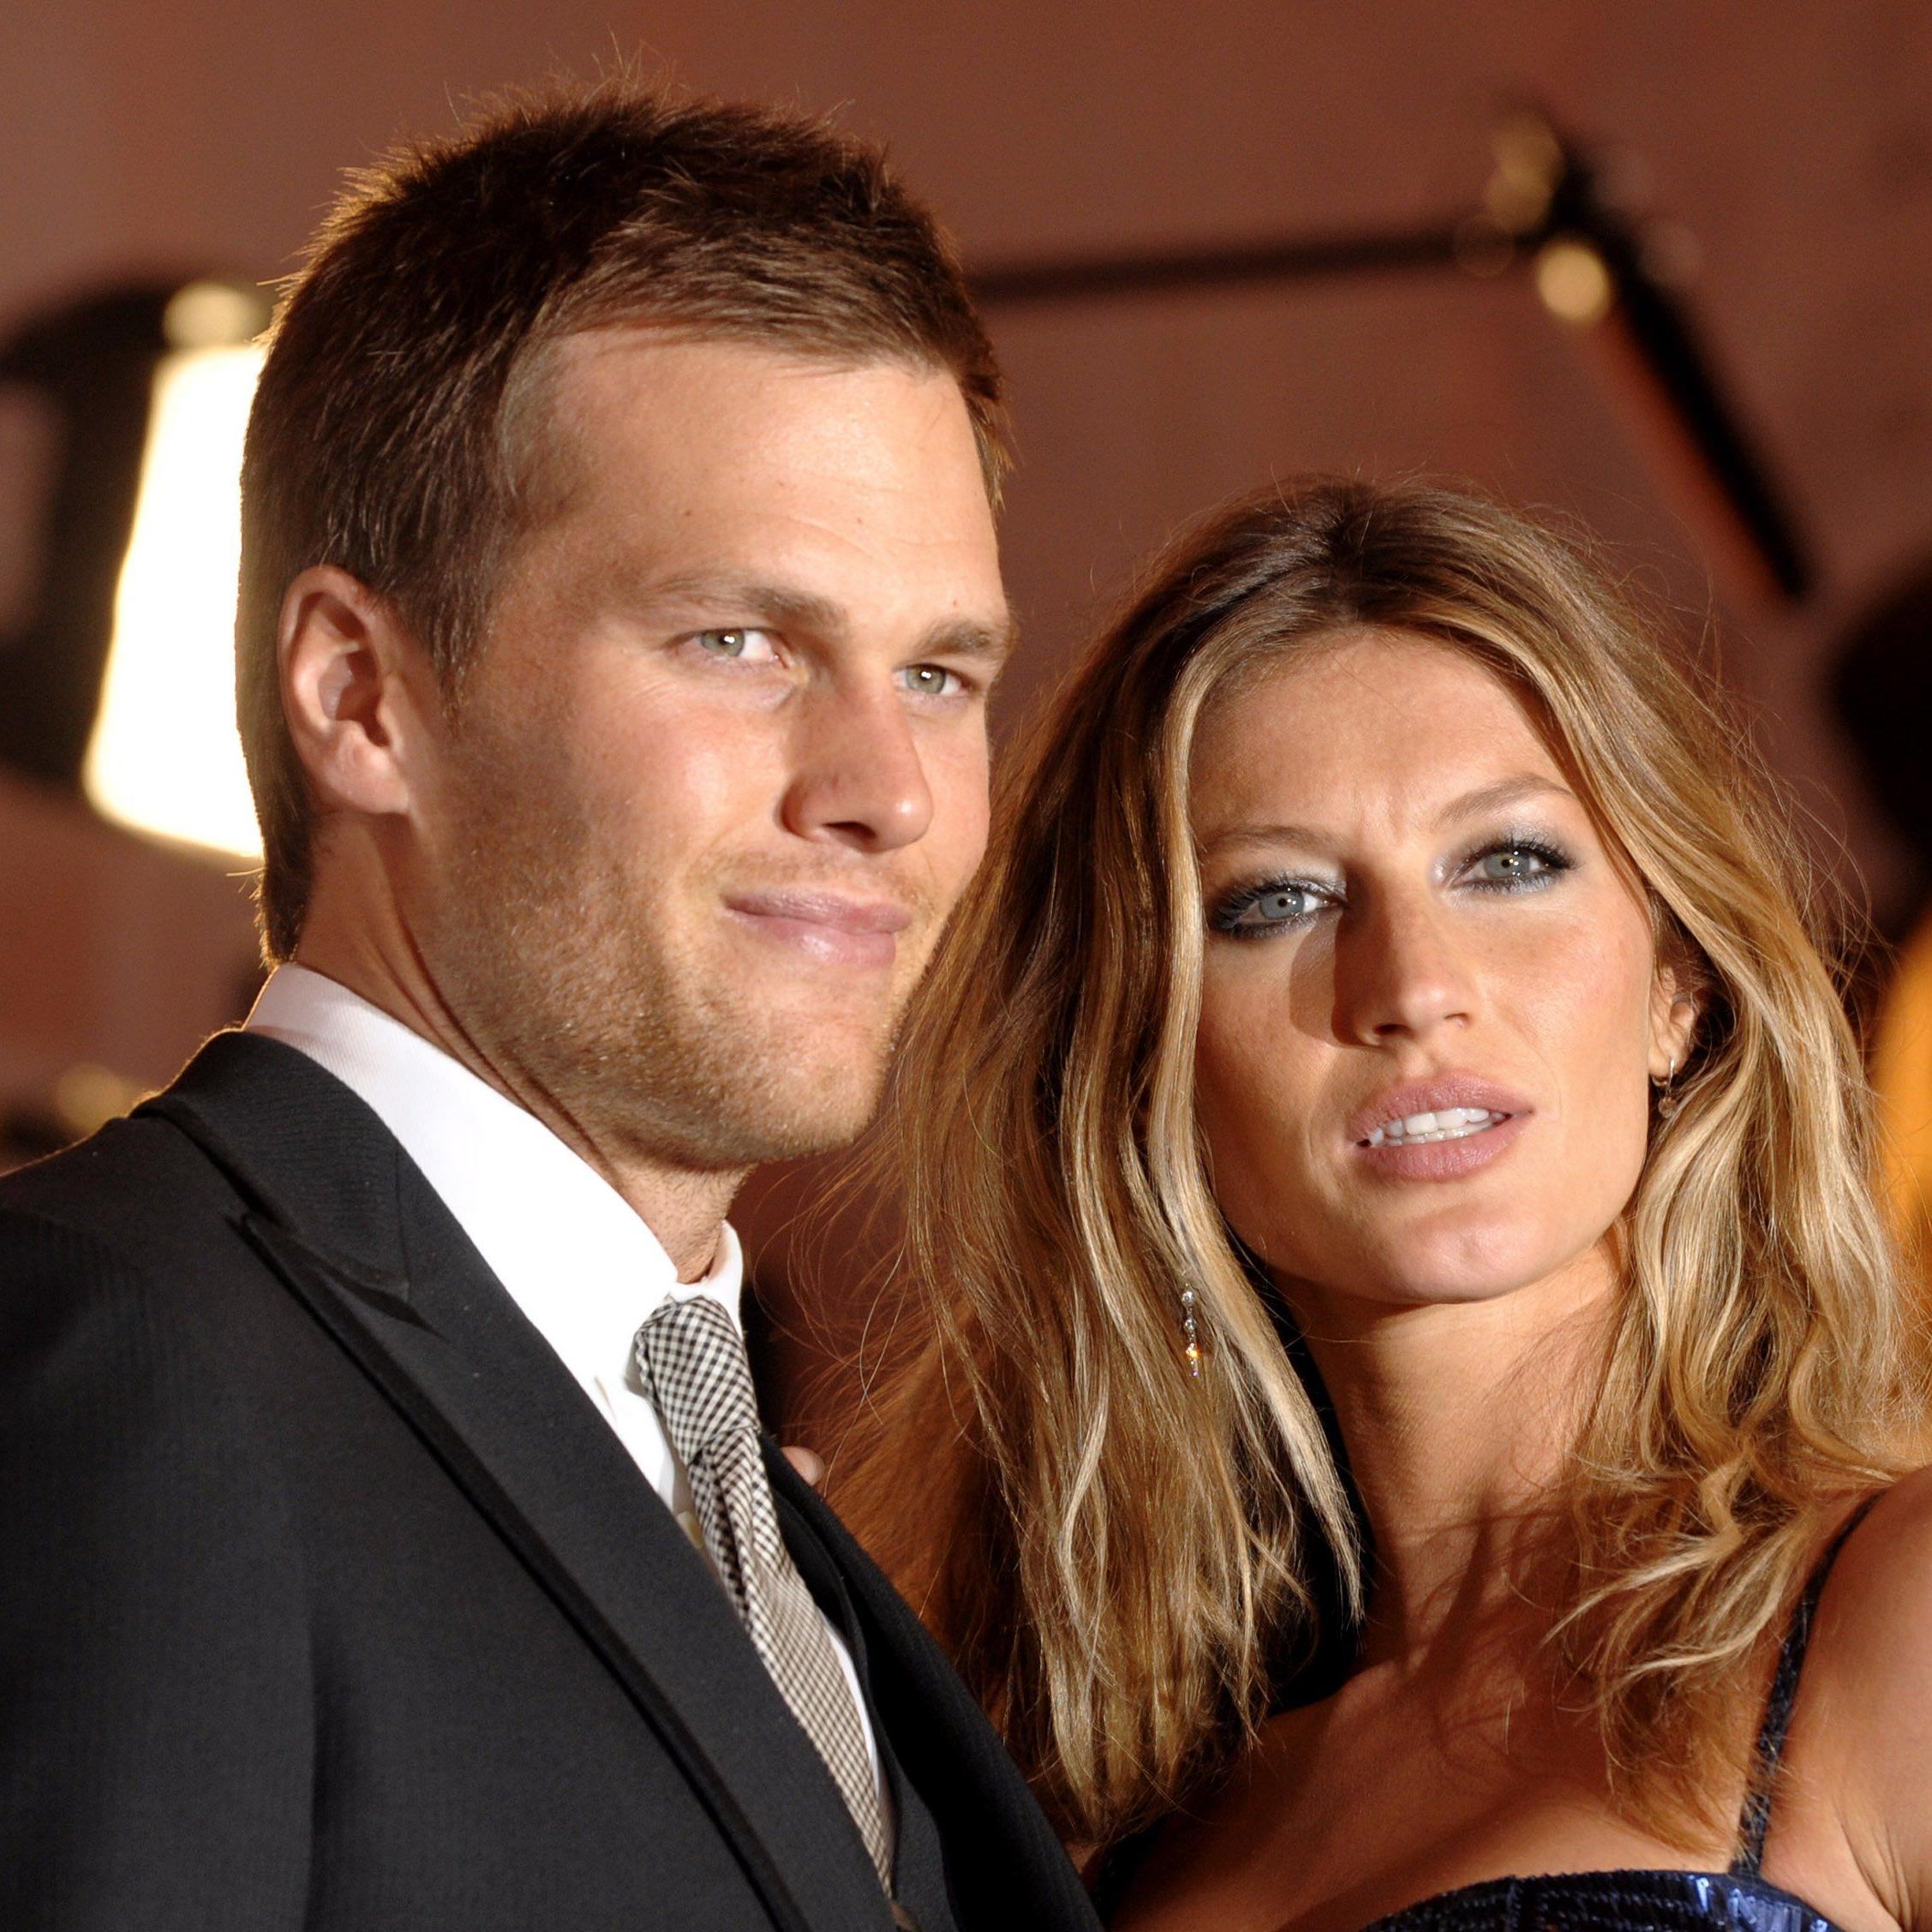 Seit 2009 sind Tom Brady und Gisele Bündchen verheiratet.